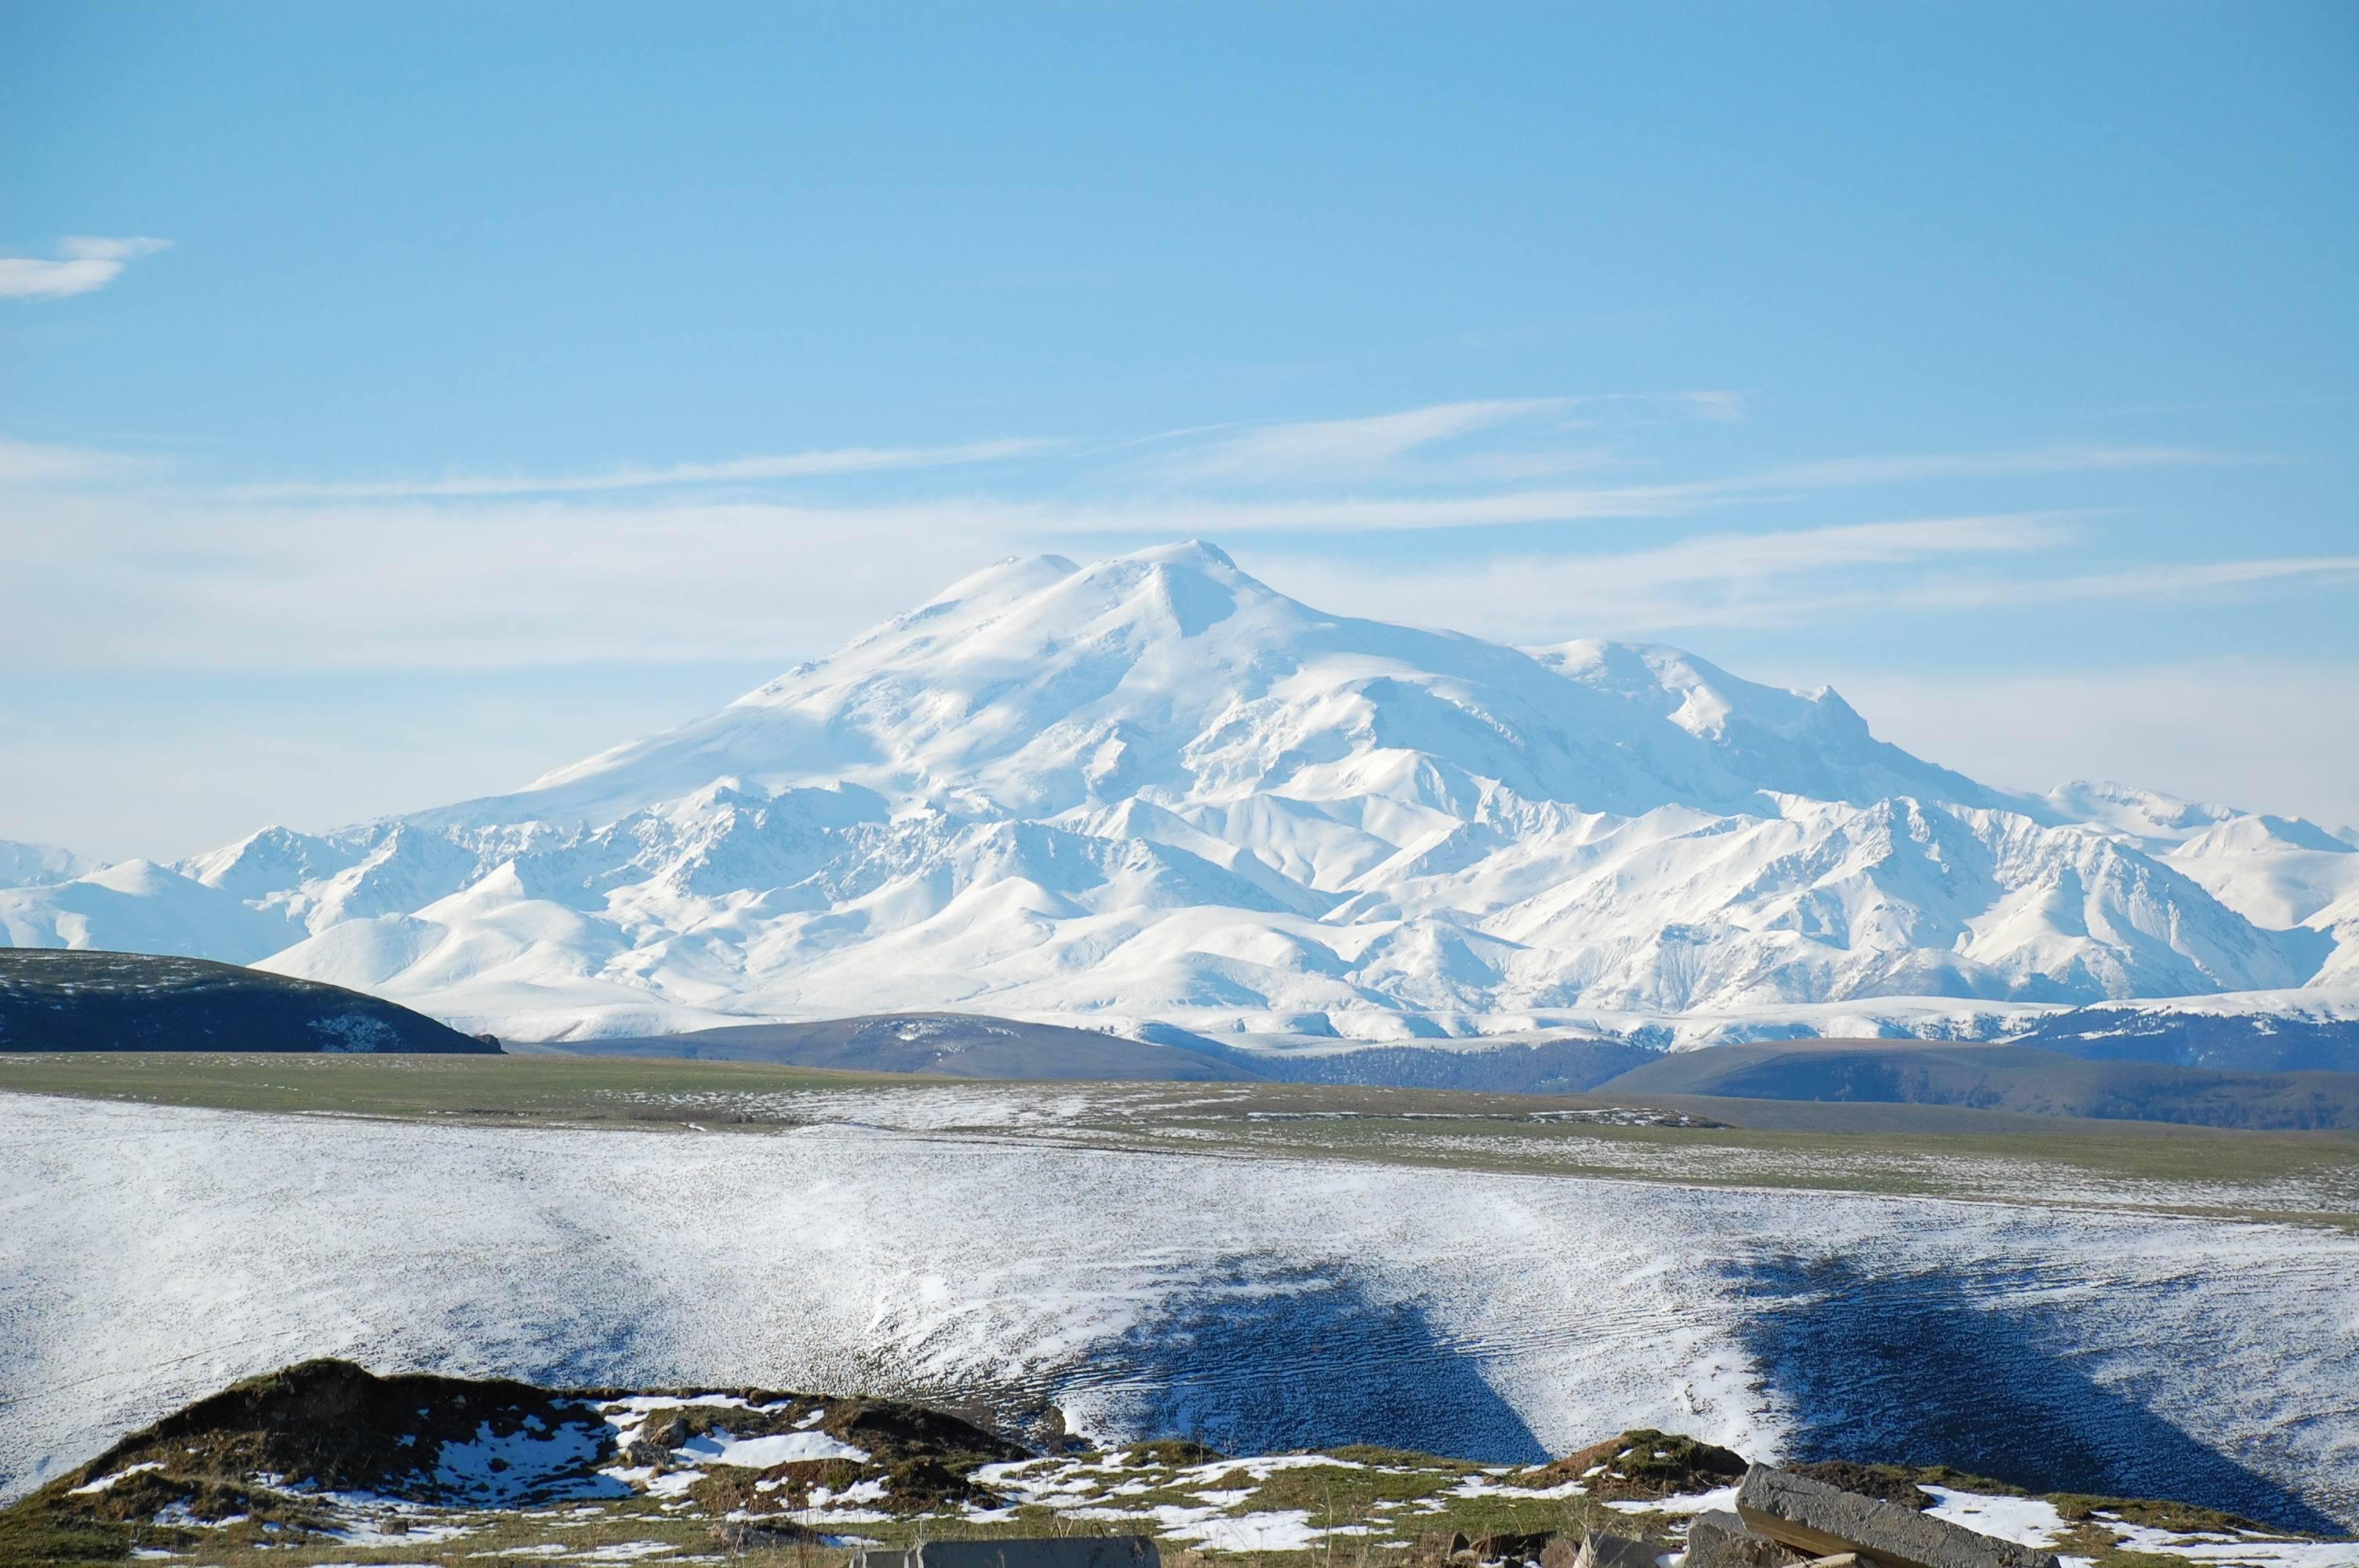 Rusia - Muntele Elbrus - 5642 metri